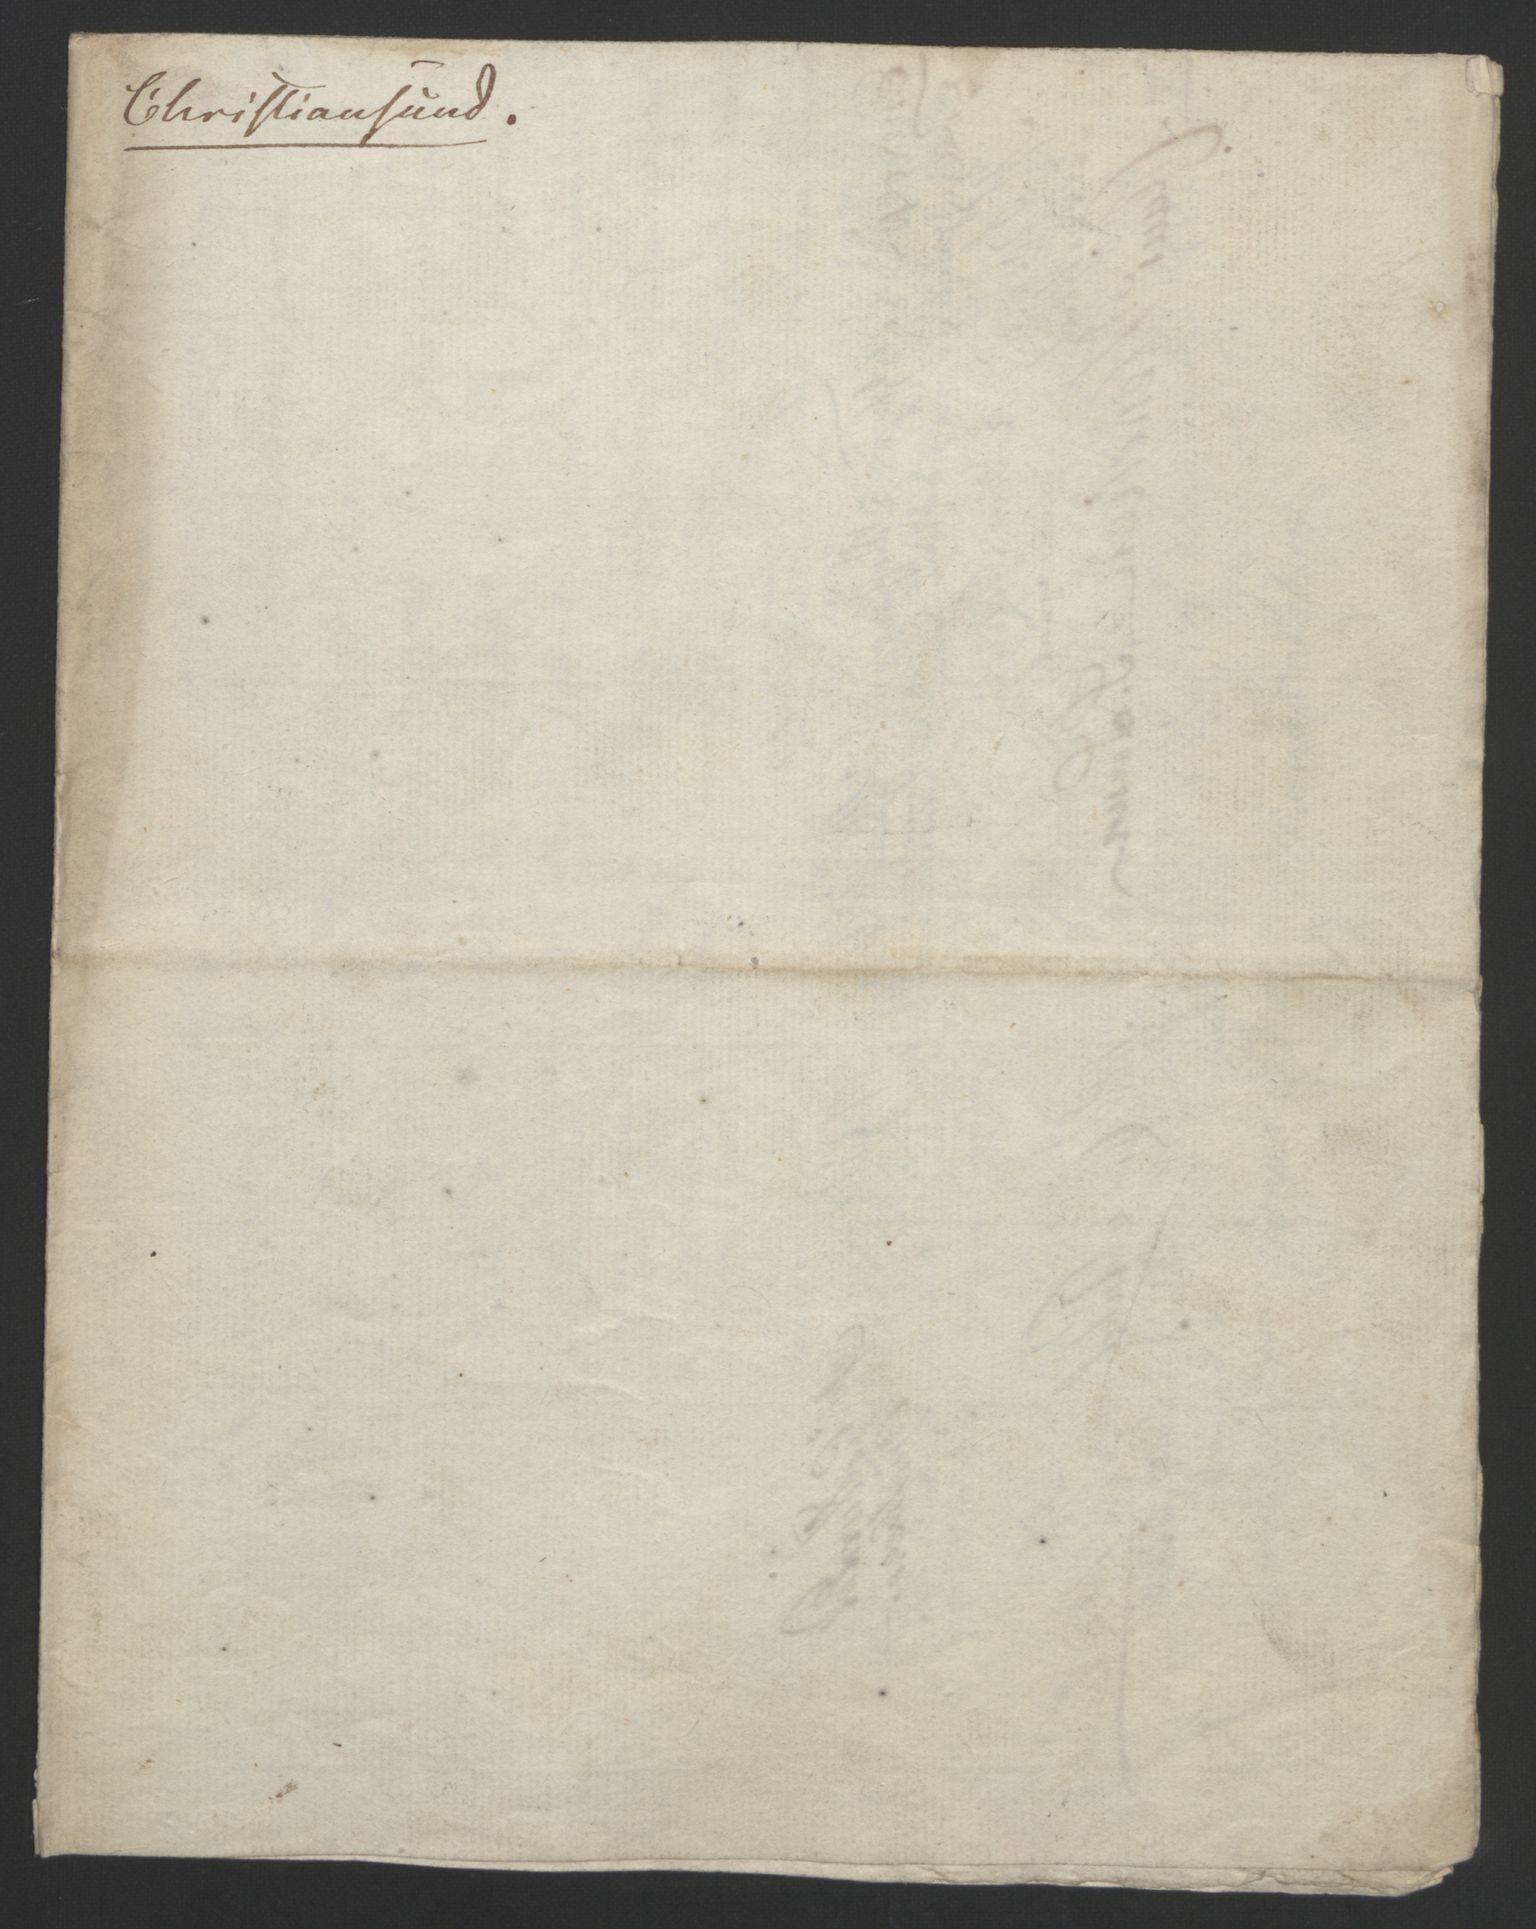 RA, Statsrådssekretariatet, D/Db/L0007: Fullmakter for Eidsvollsrepresentantene i 1814. , 1814, s. 59